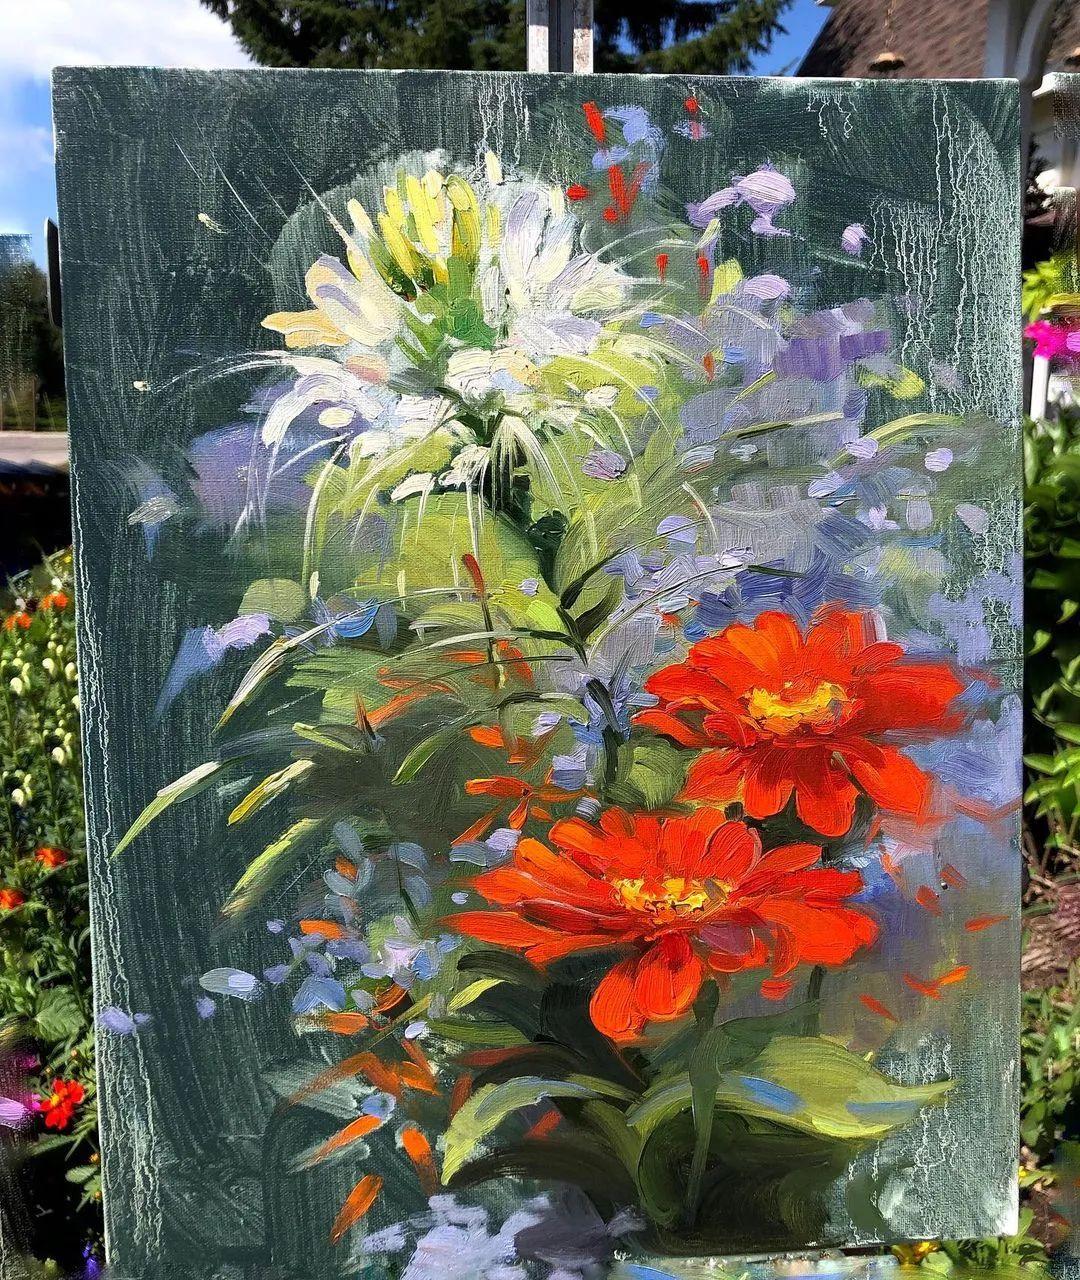 好美的风景与花卉,深入自然才能画出最美的画面!插图65